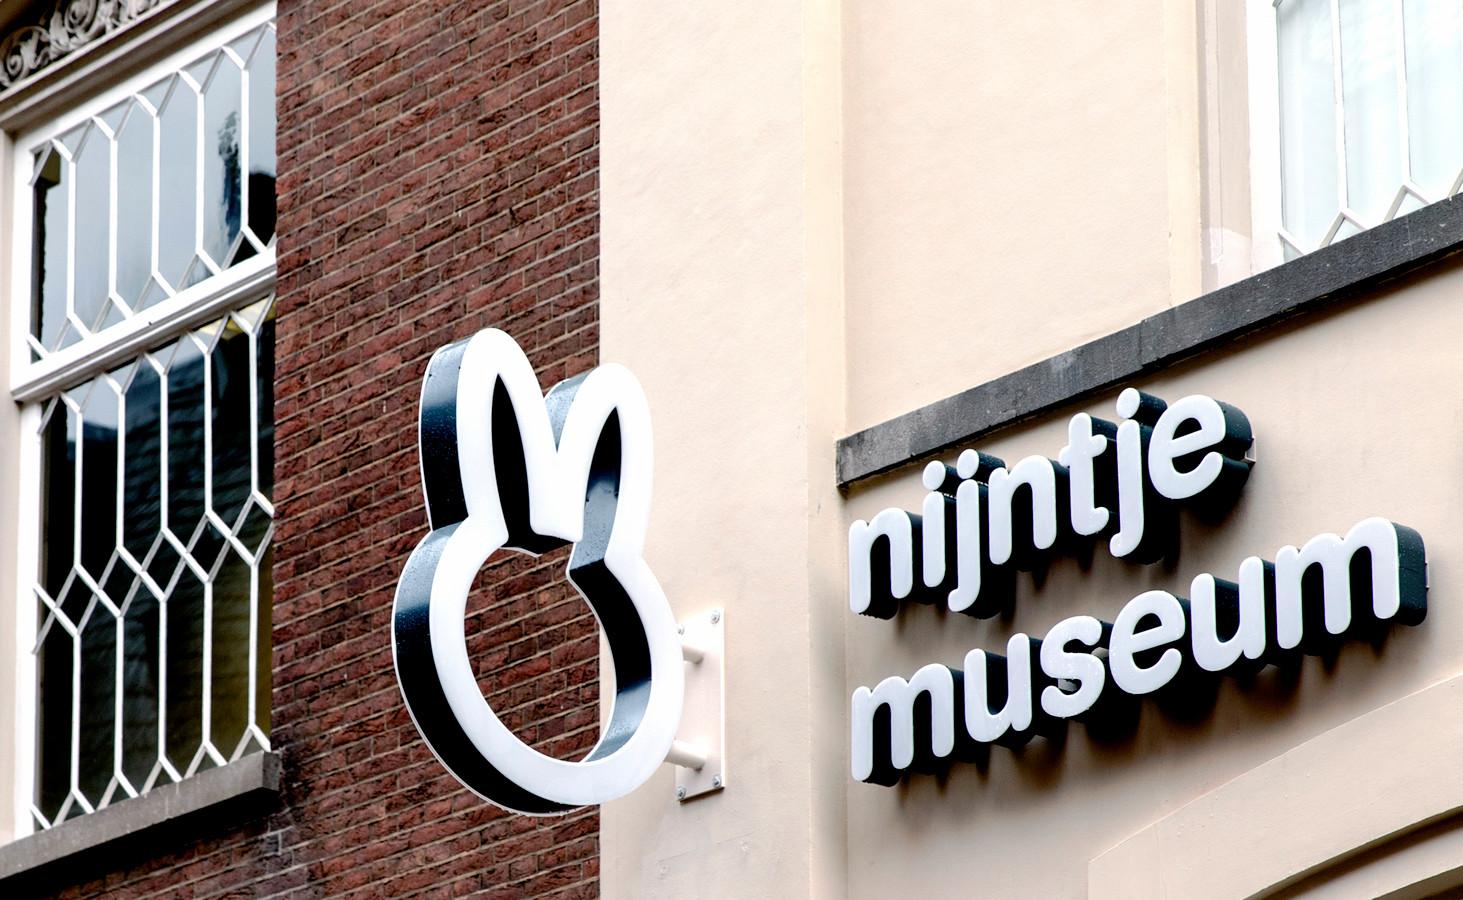 Het nijntje museum aan de Agnietenstraat wil volgend jaar uitbreiden.